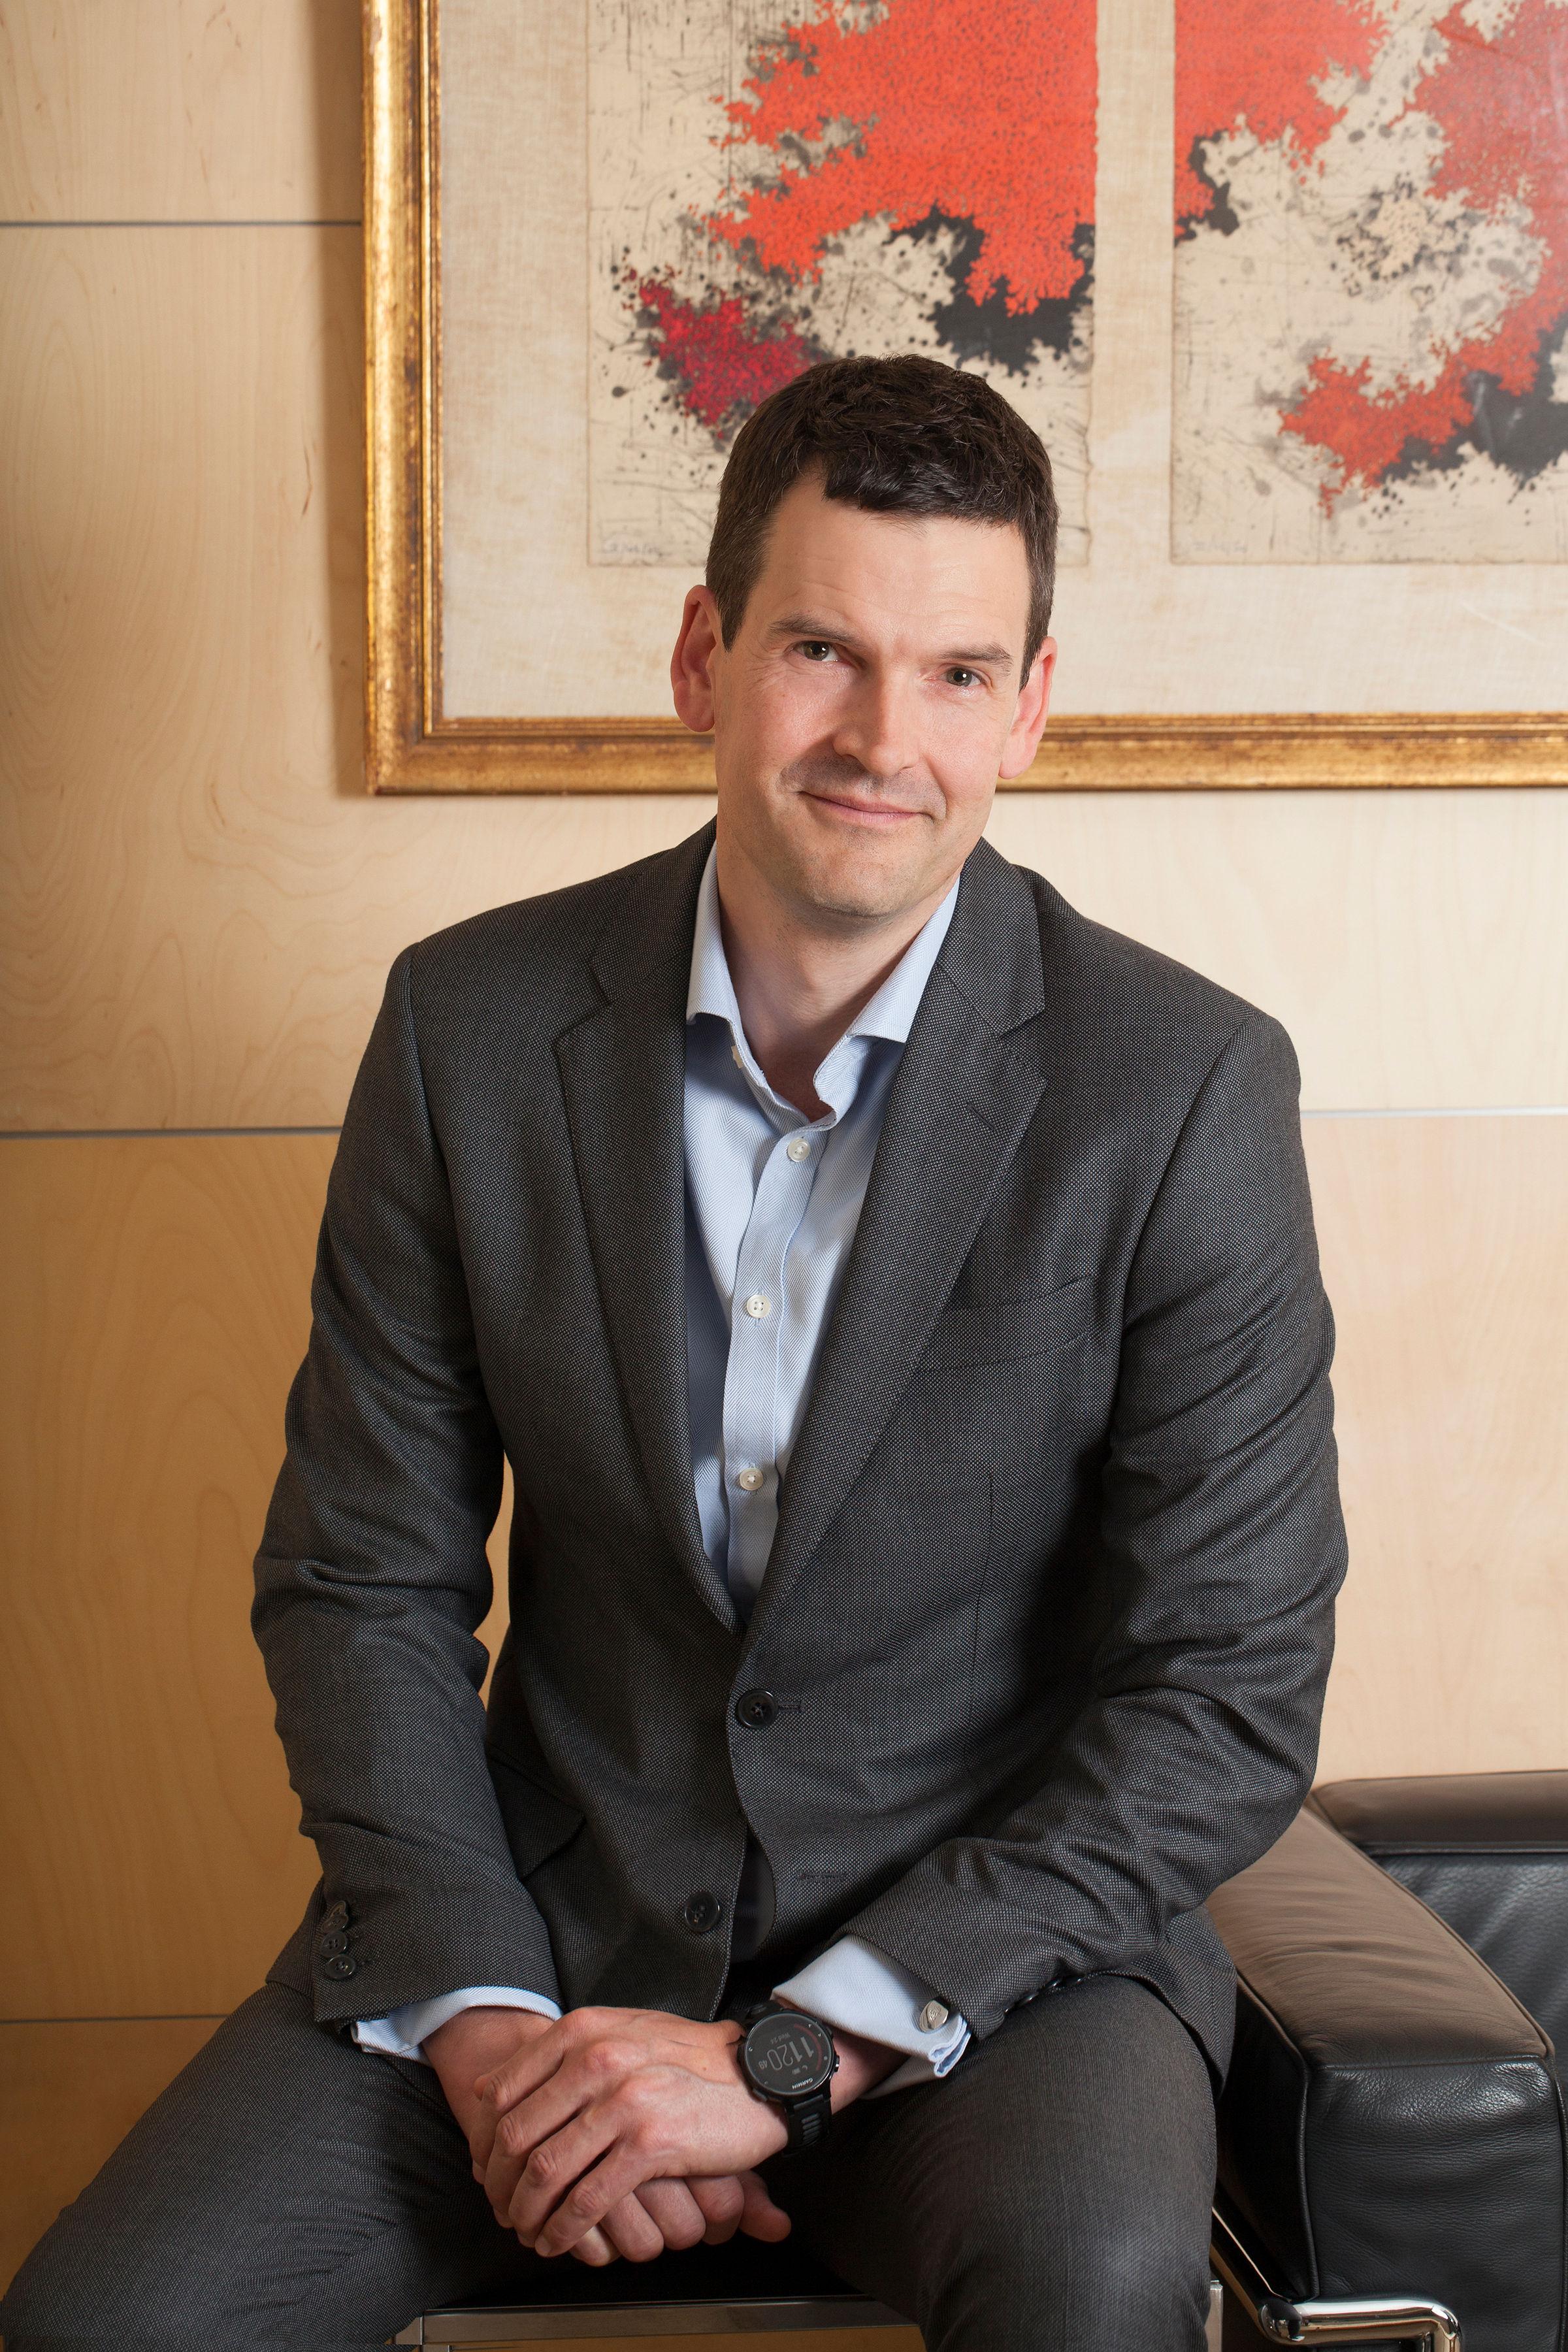 Howard Rees, Head of International Sales